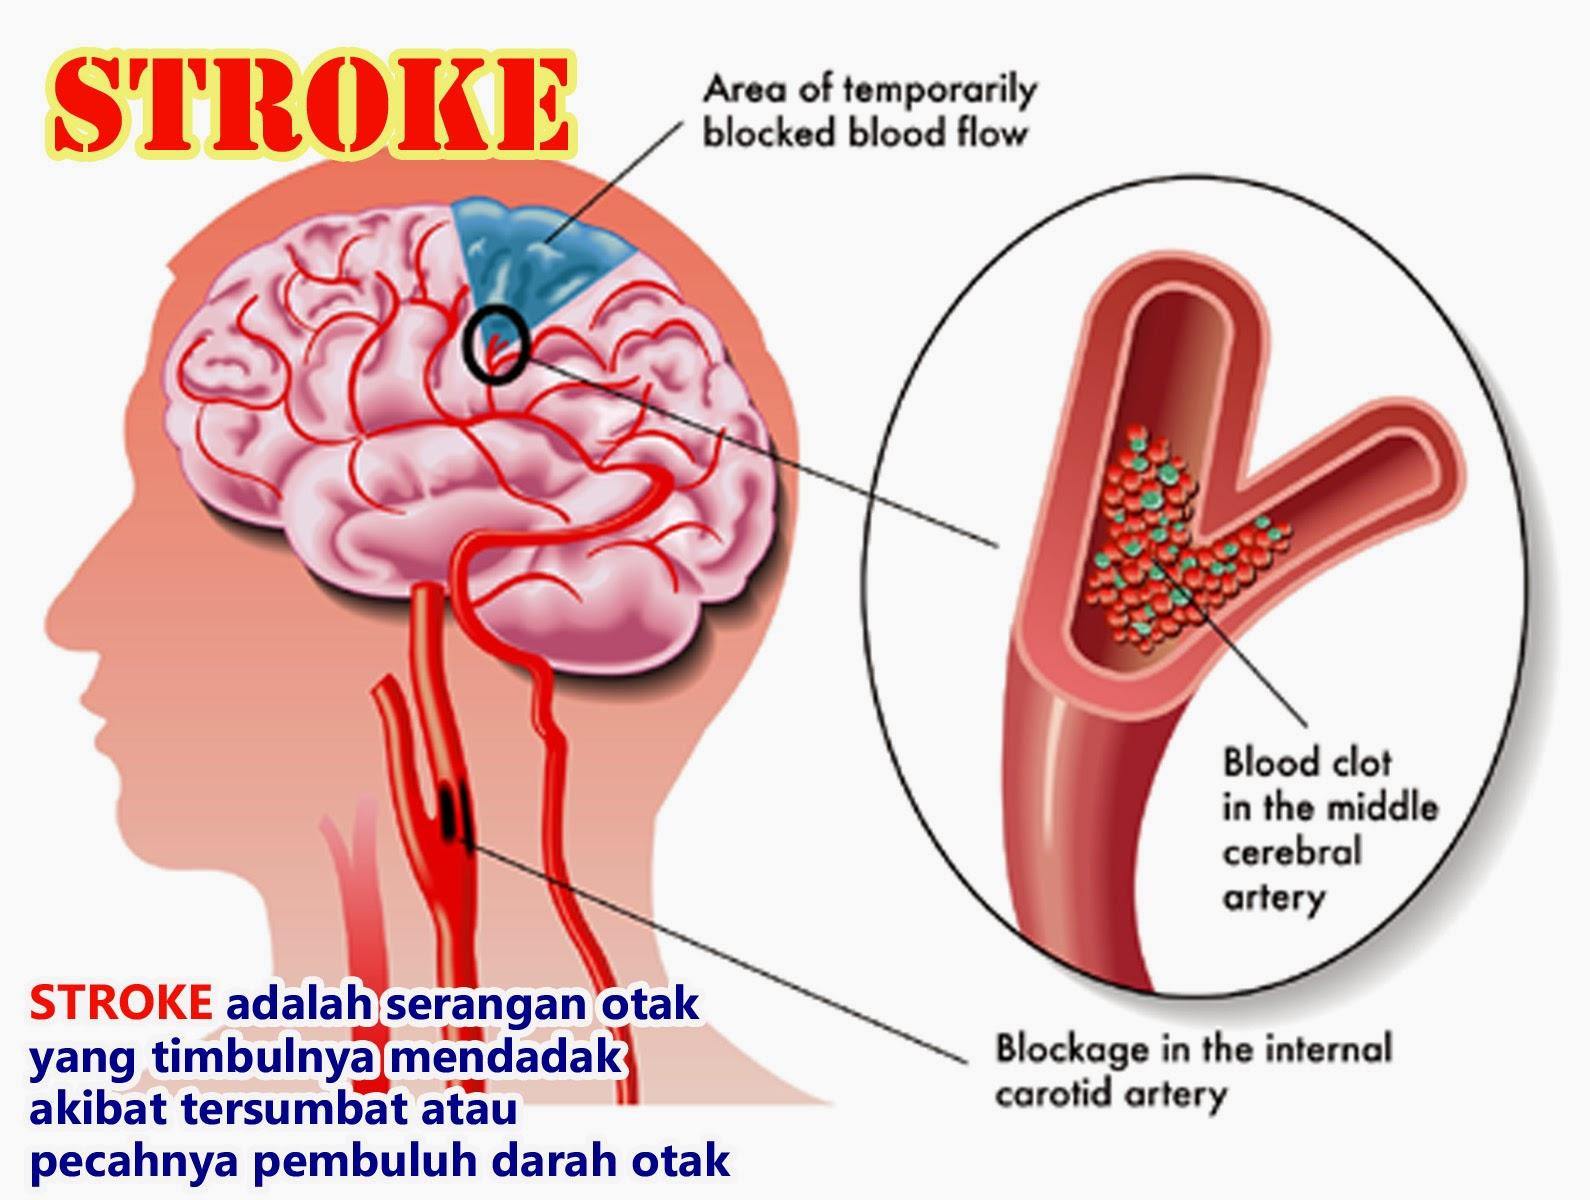 gejala penyakit stroke cara pencegahan dan pengobatannya